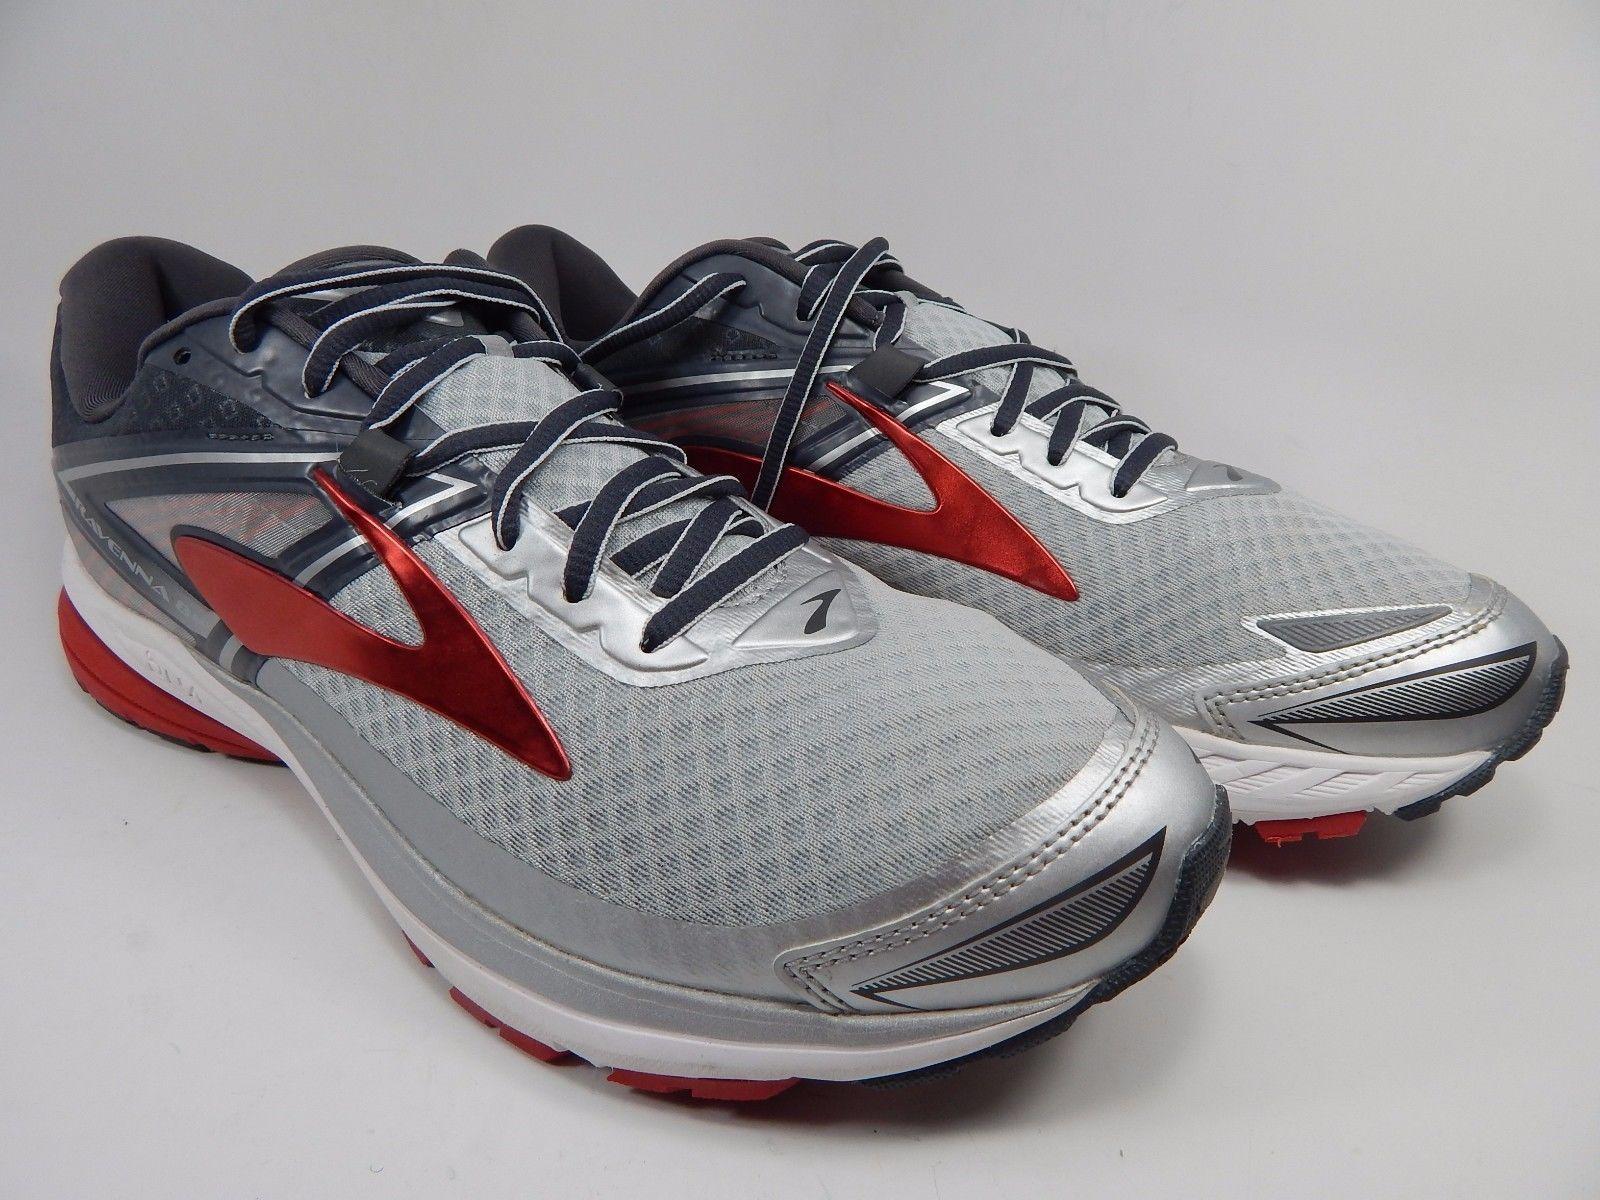 Brooks Ravenna 8 Men's Running Shoes Size US 11.5 M (D) EU 45.5 1102481D067